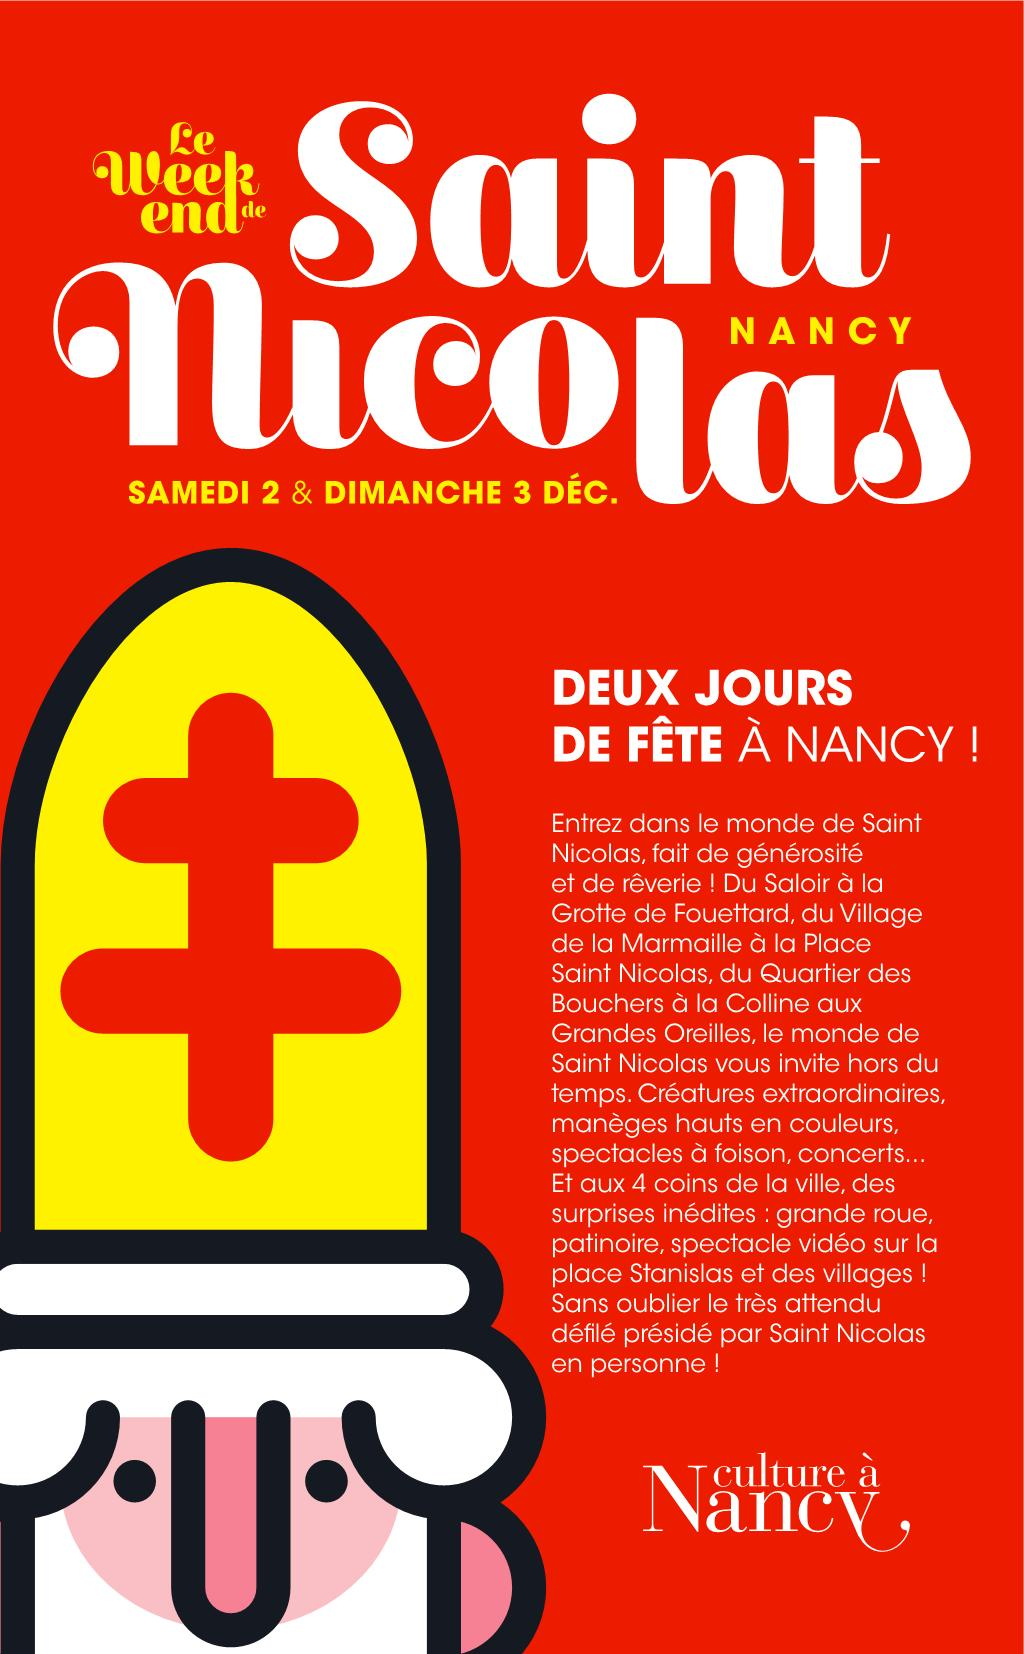 Programme de la Saint Nicolas 2017 à Nancy